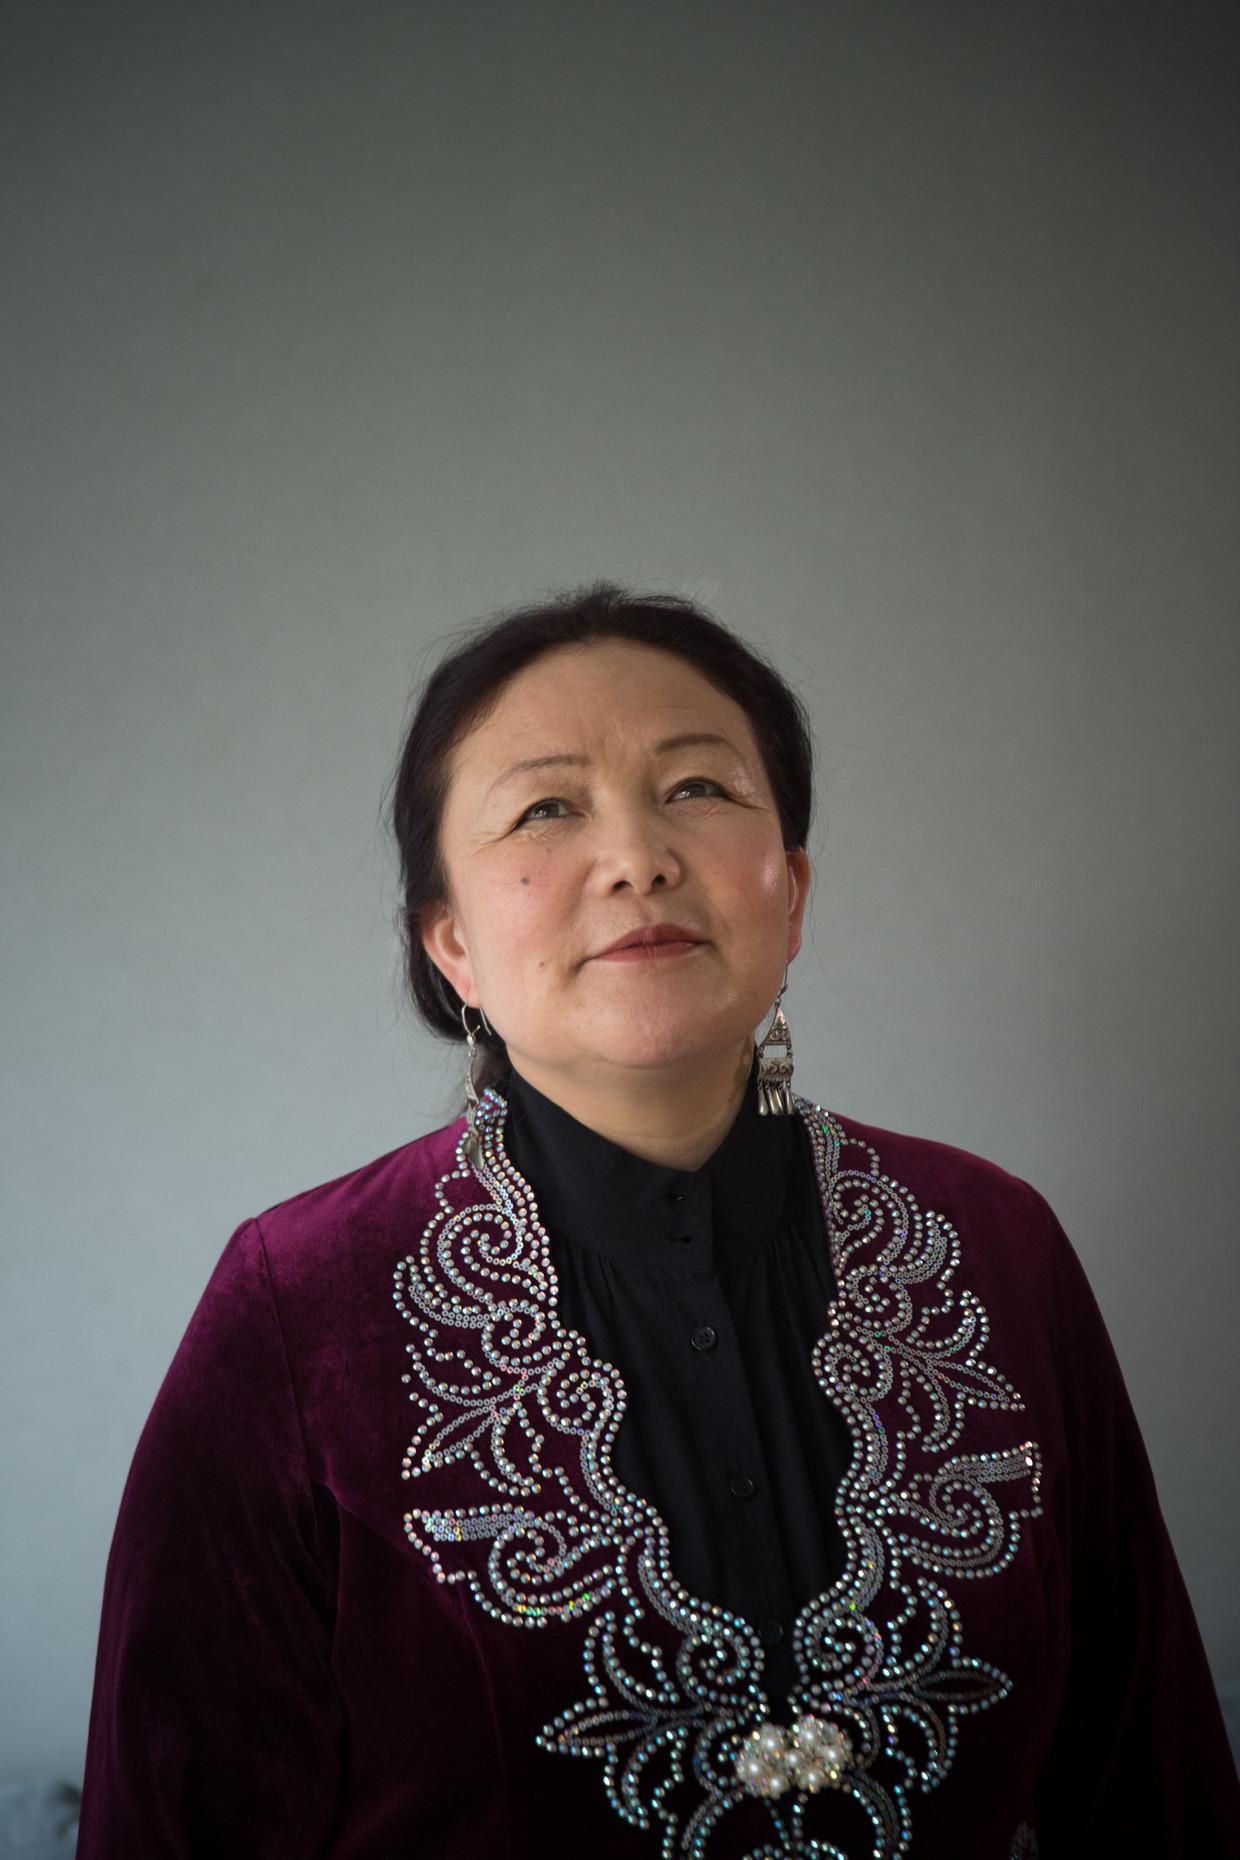 Sayragul Sauytbay vreest ook in Zweden nog voor haar leven, 'maar ik zal nooit zwijgen. Ik moet volhouden, tot mijn volk vrij is en ik terug naar huis kan.' Beeld Regina Recht